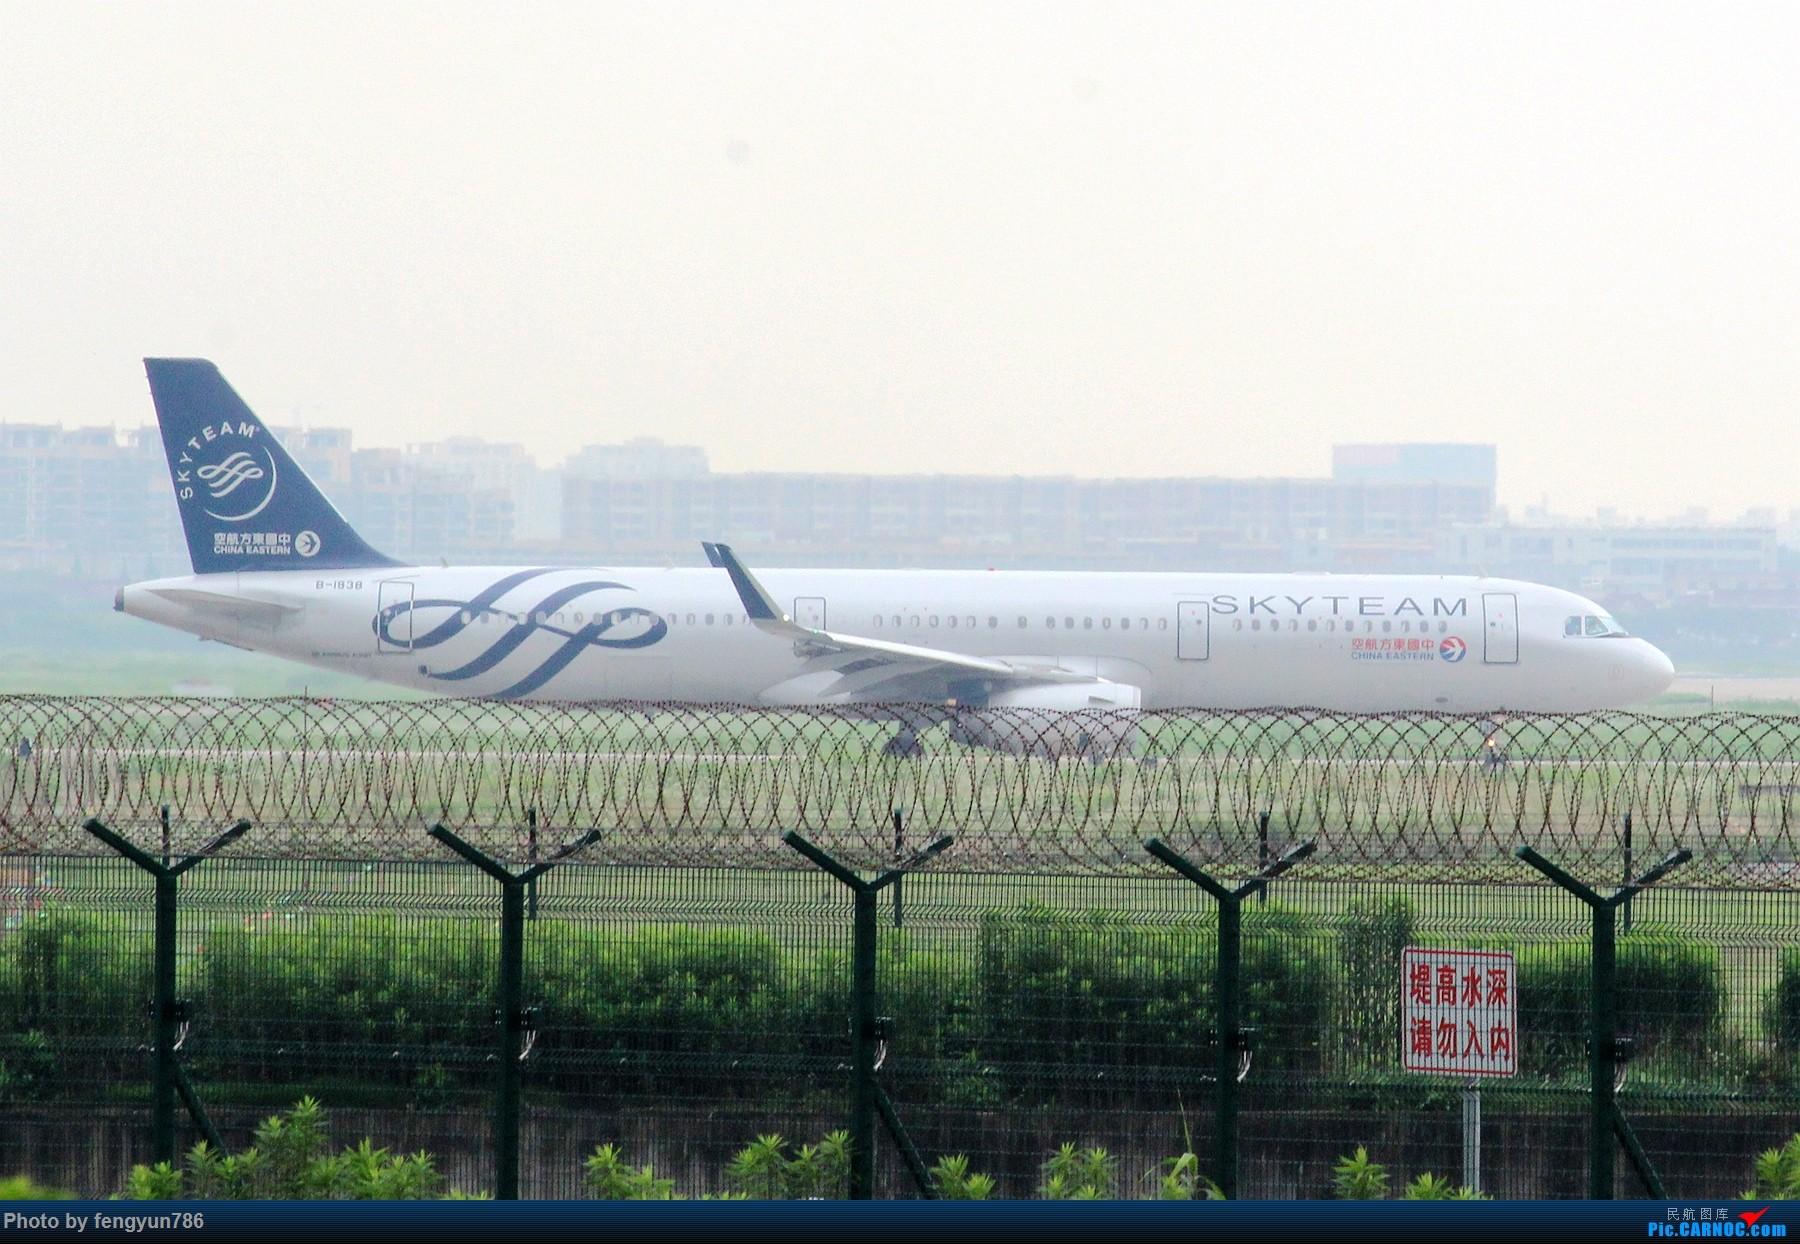 Re:[原创]新人首贴,6.18 SHA流水账 AIRBUS A321-200 B-1838 中国上海虹桥国际机场